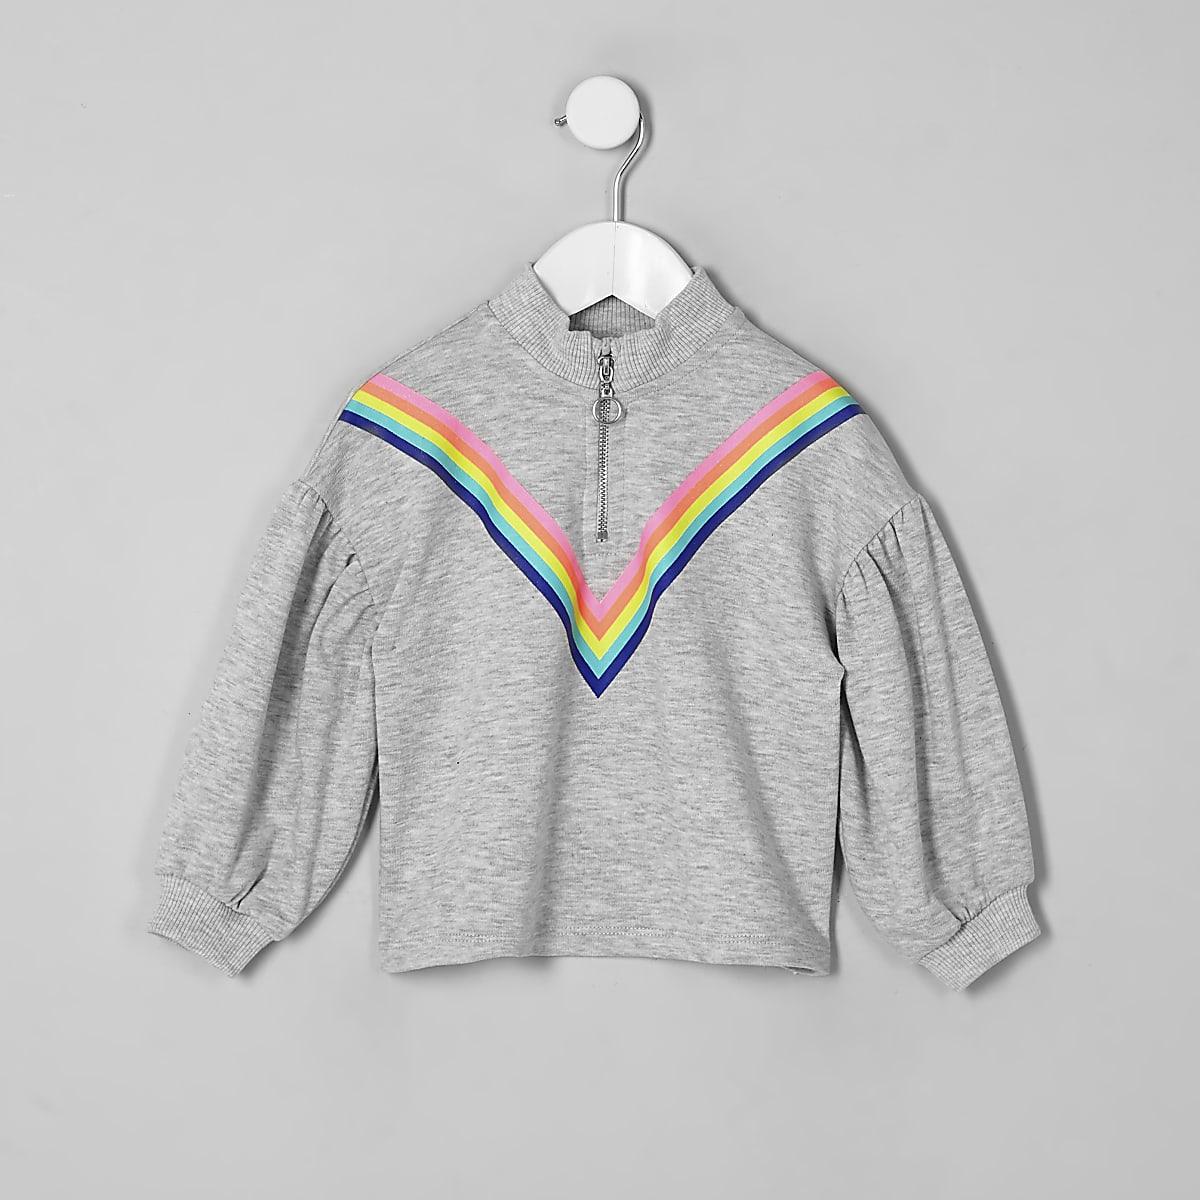 Girls grey rainbow zip neck sweatshirt